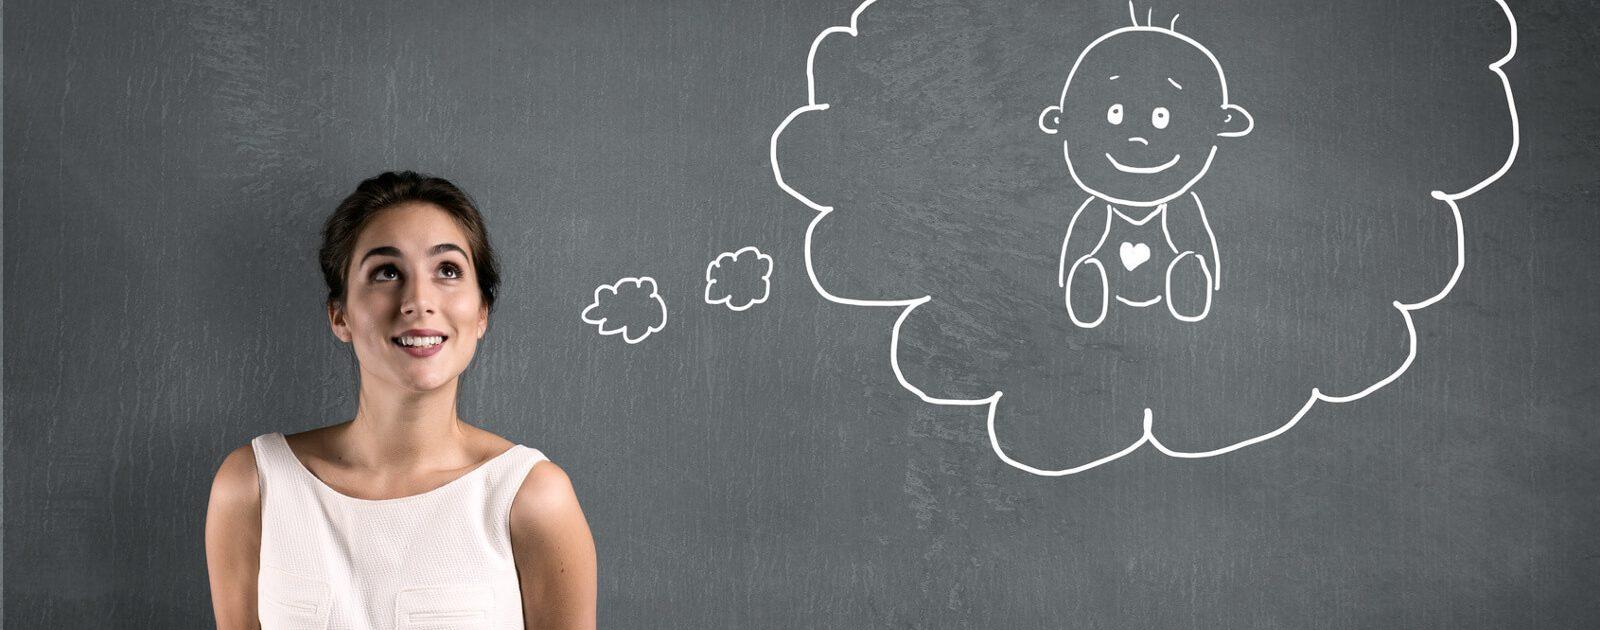 Junge Frau denkt in der ersten Schwangerschaftswoche an ihr Baby